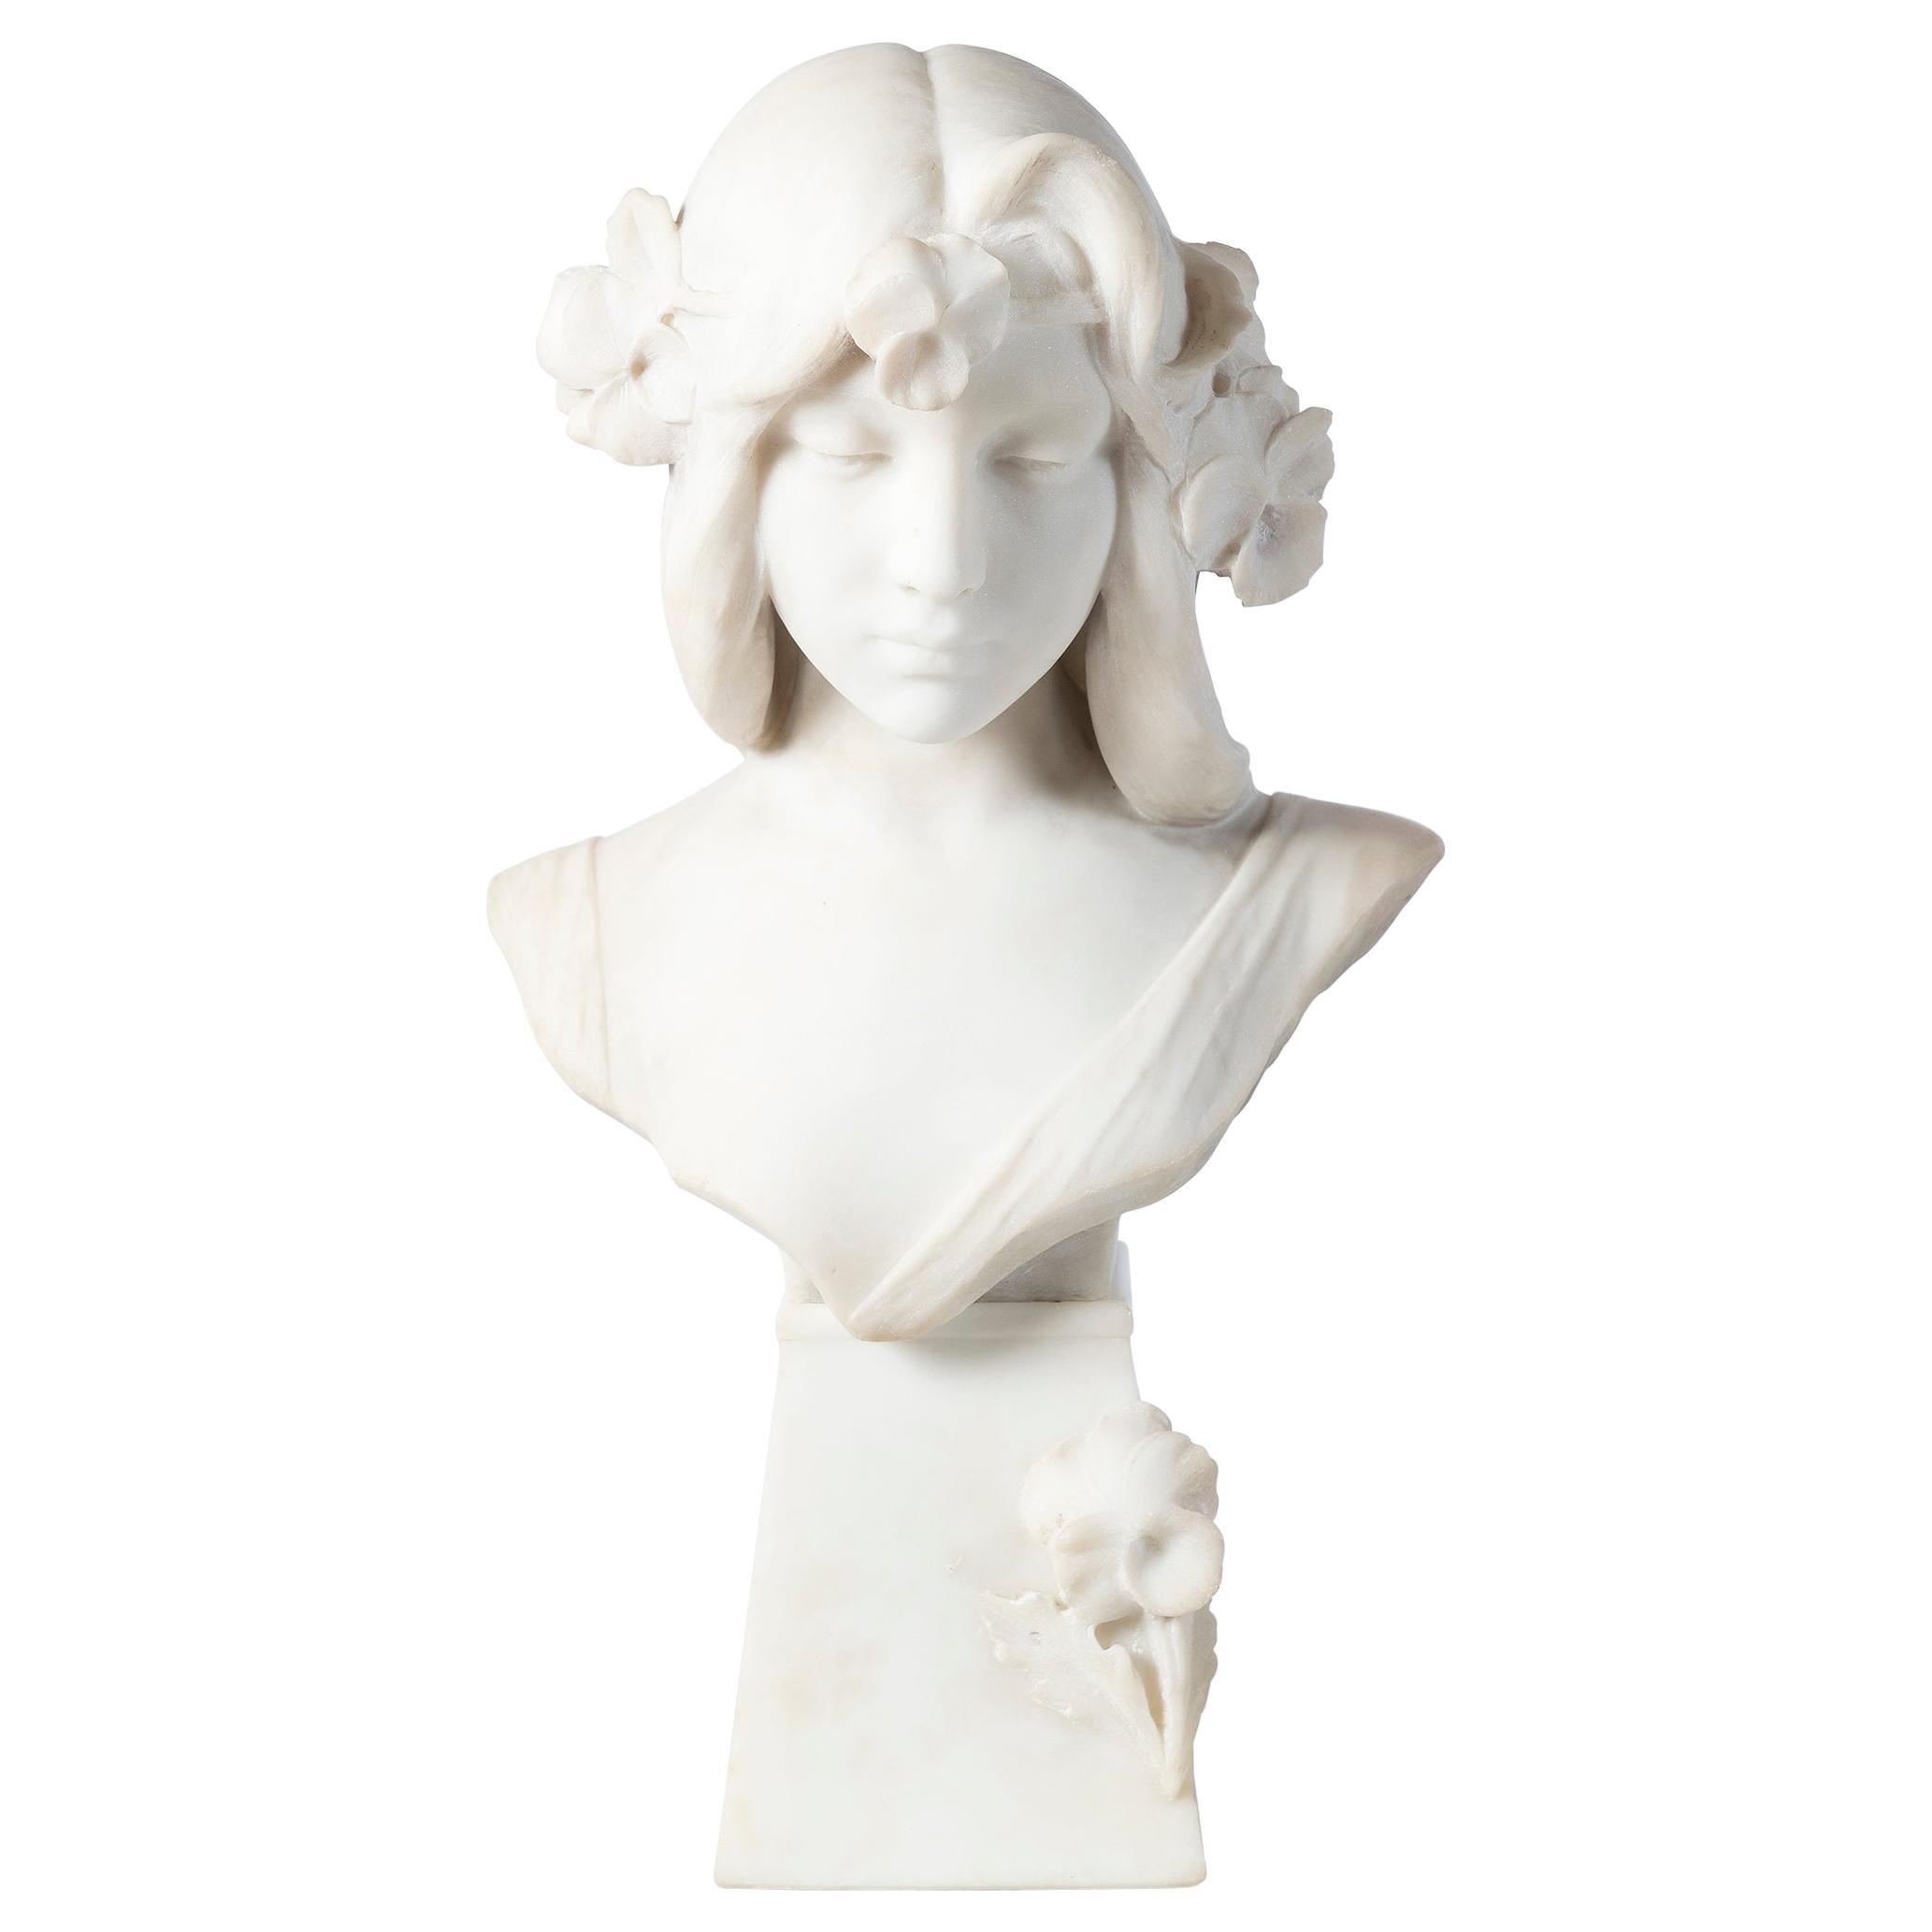 Carrara Marble Bust Sculpture, Signed C. Scheggi, Firenze, circa 1900